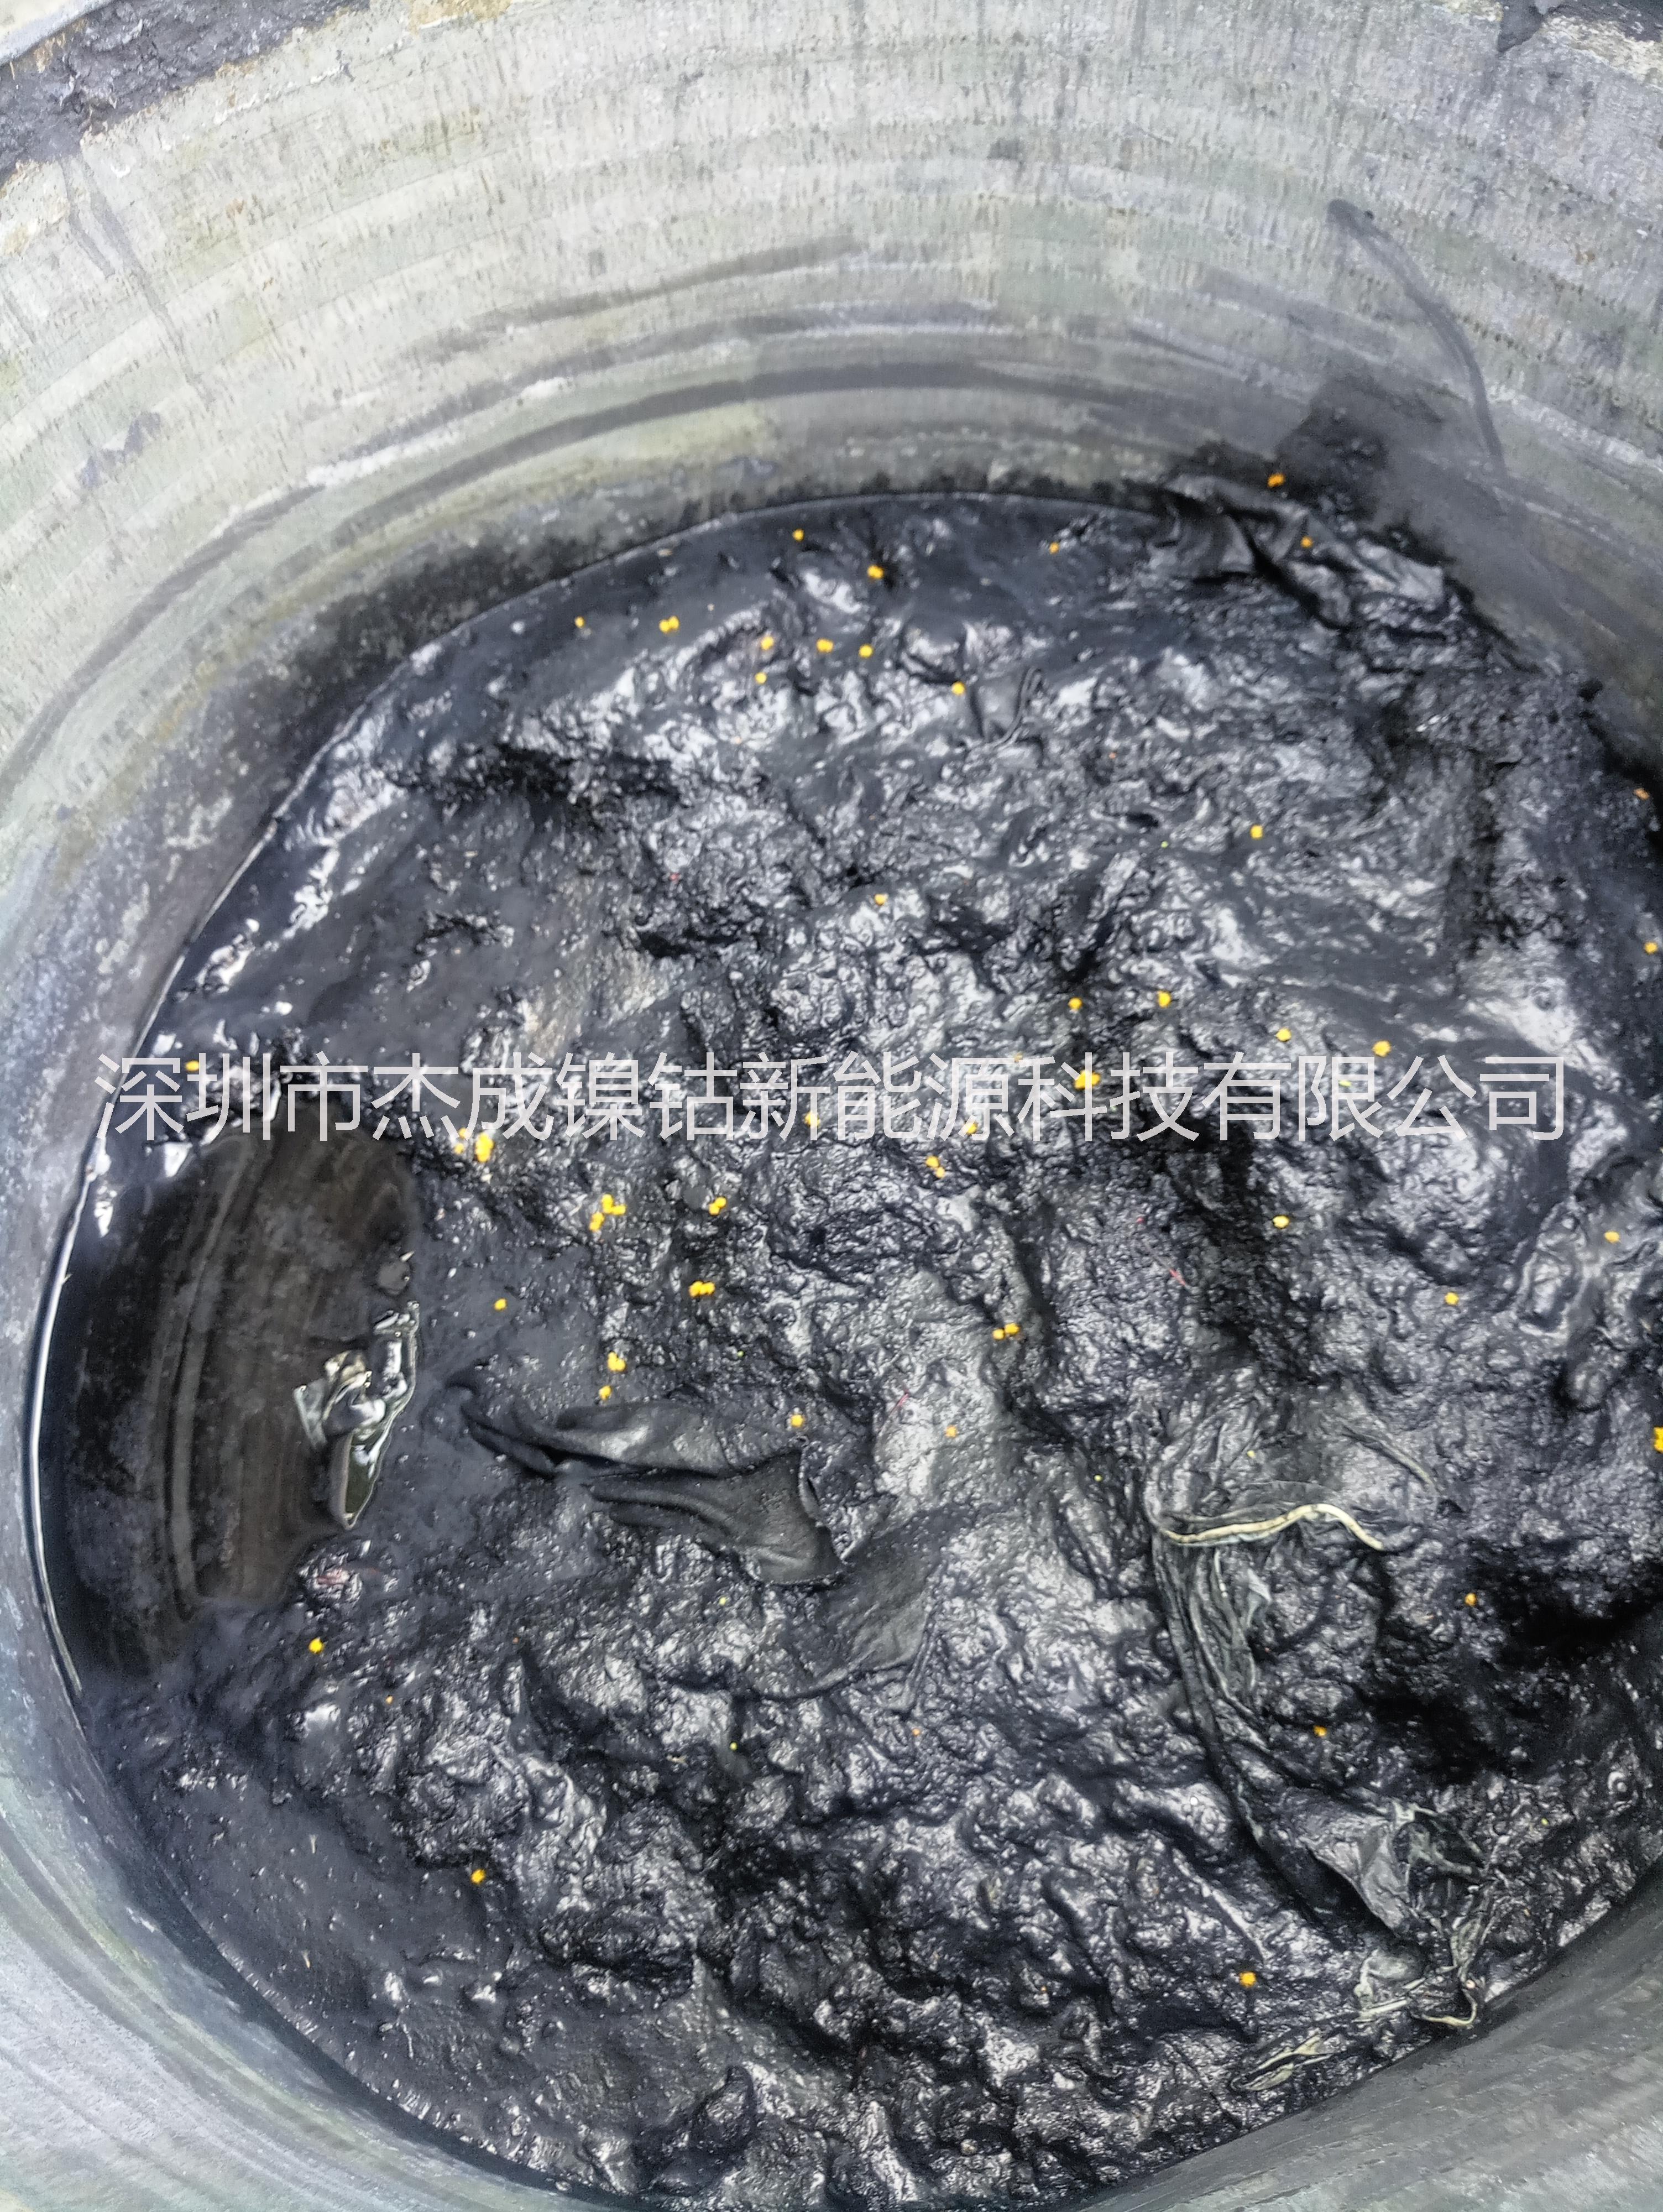 钴泥回收公司-东莞钴泥回收公司-东莞钴泥回收电话-东莞哪里有钴泥回收